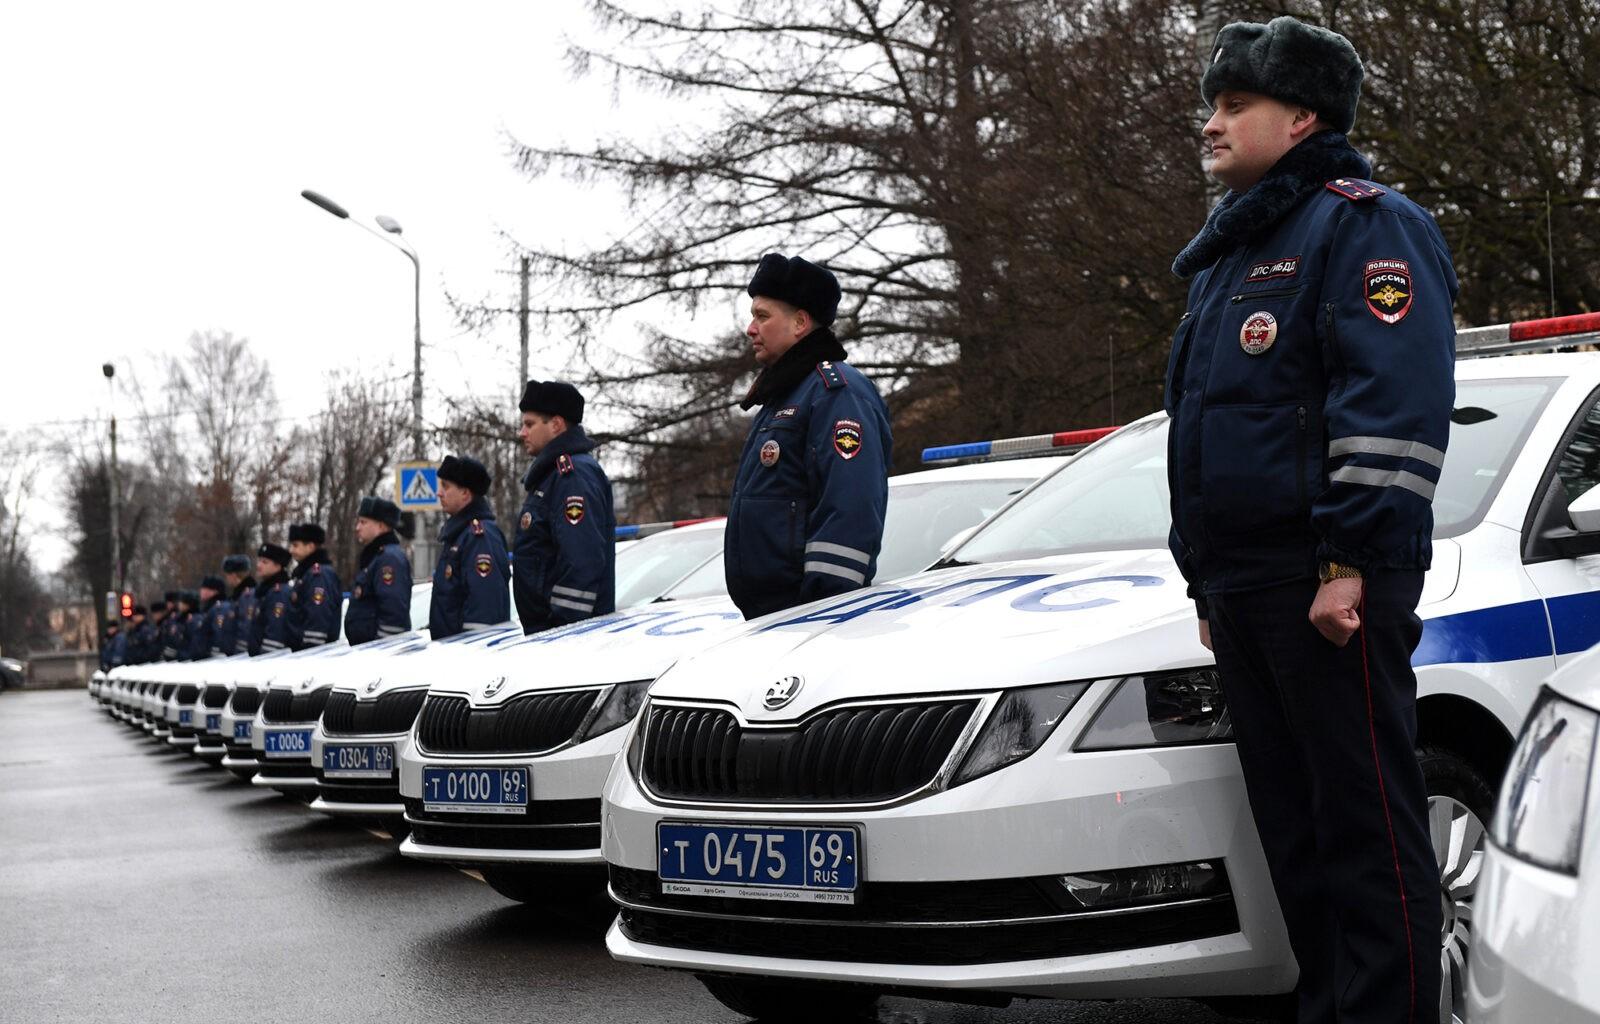 41 новый служебный  автомобиль передан подразделениям ГИБДД и участковым Тверской области